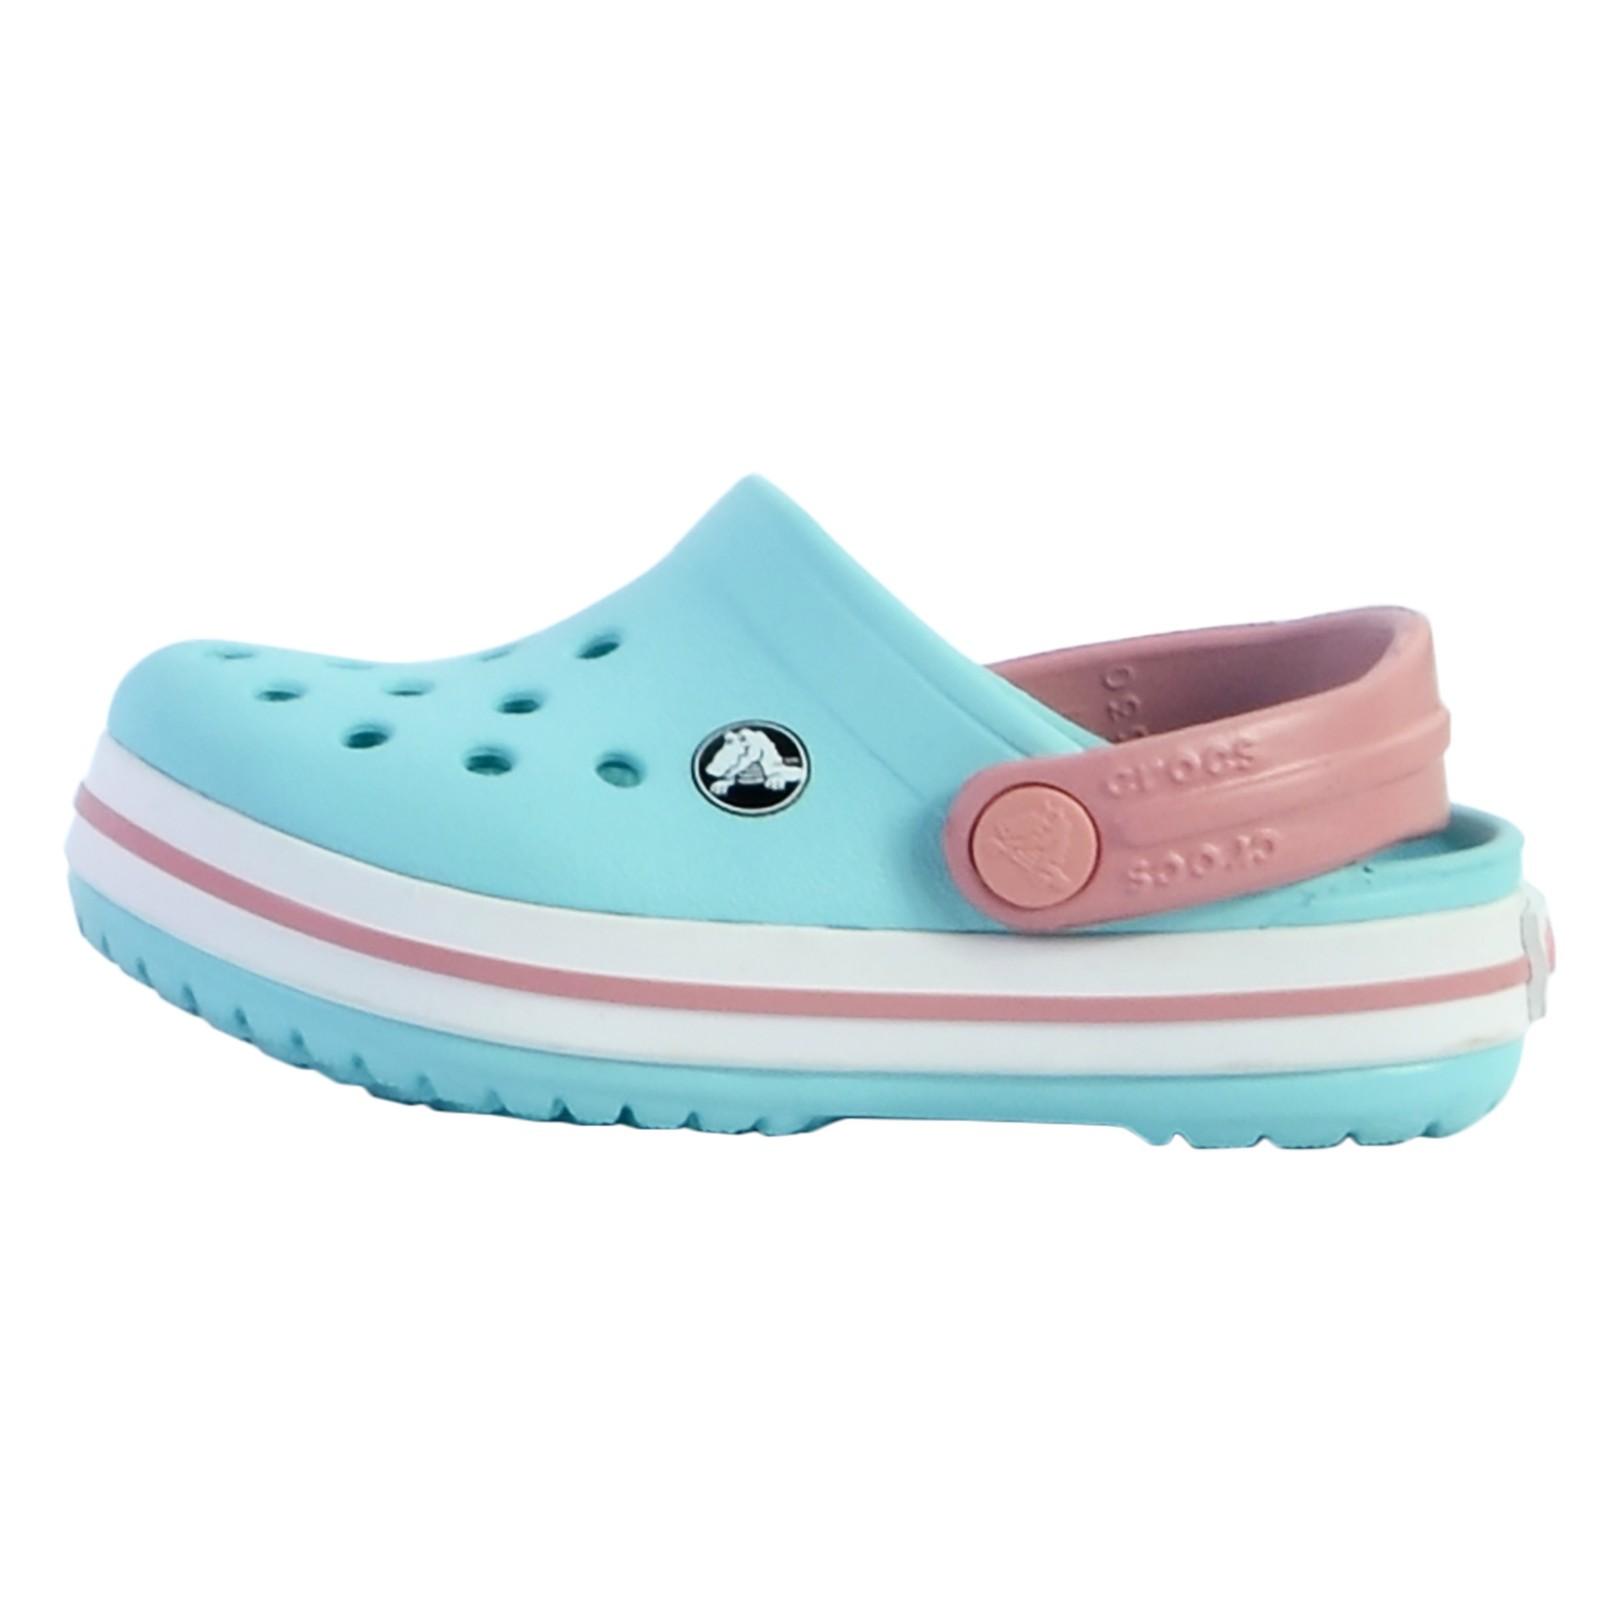 Sabot Crocs Crocband Clog